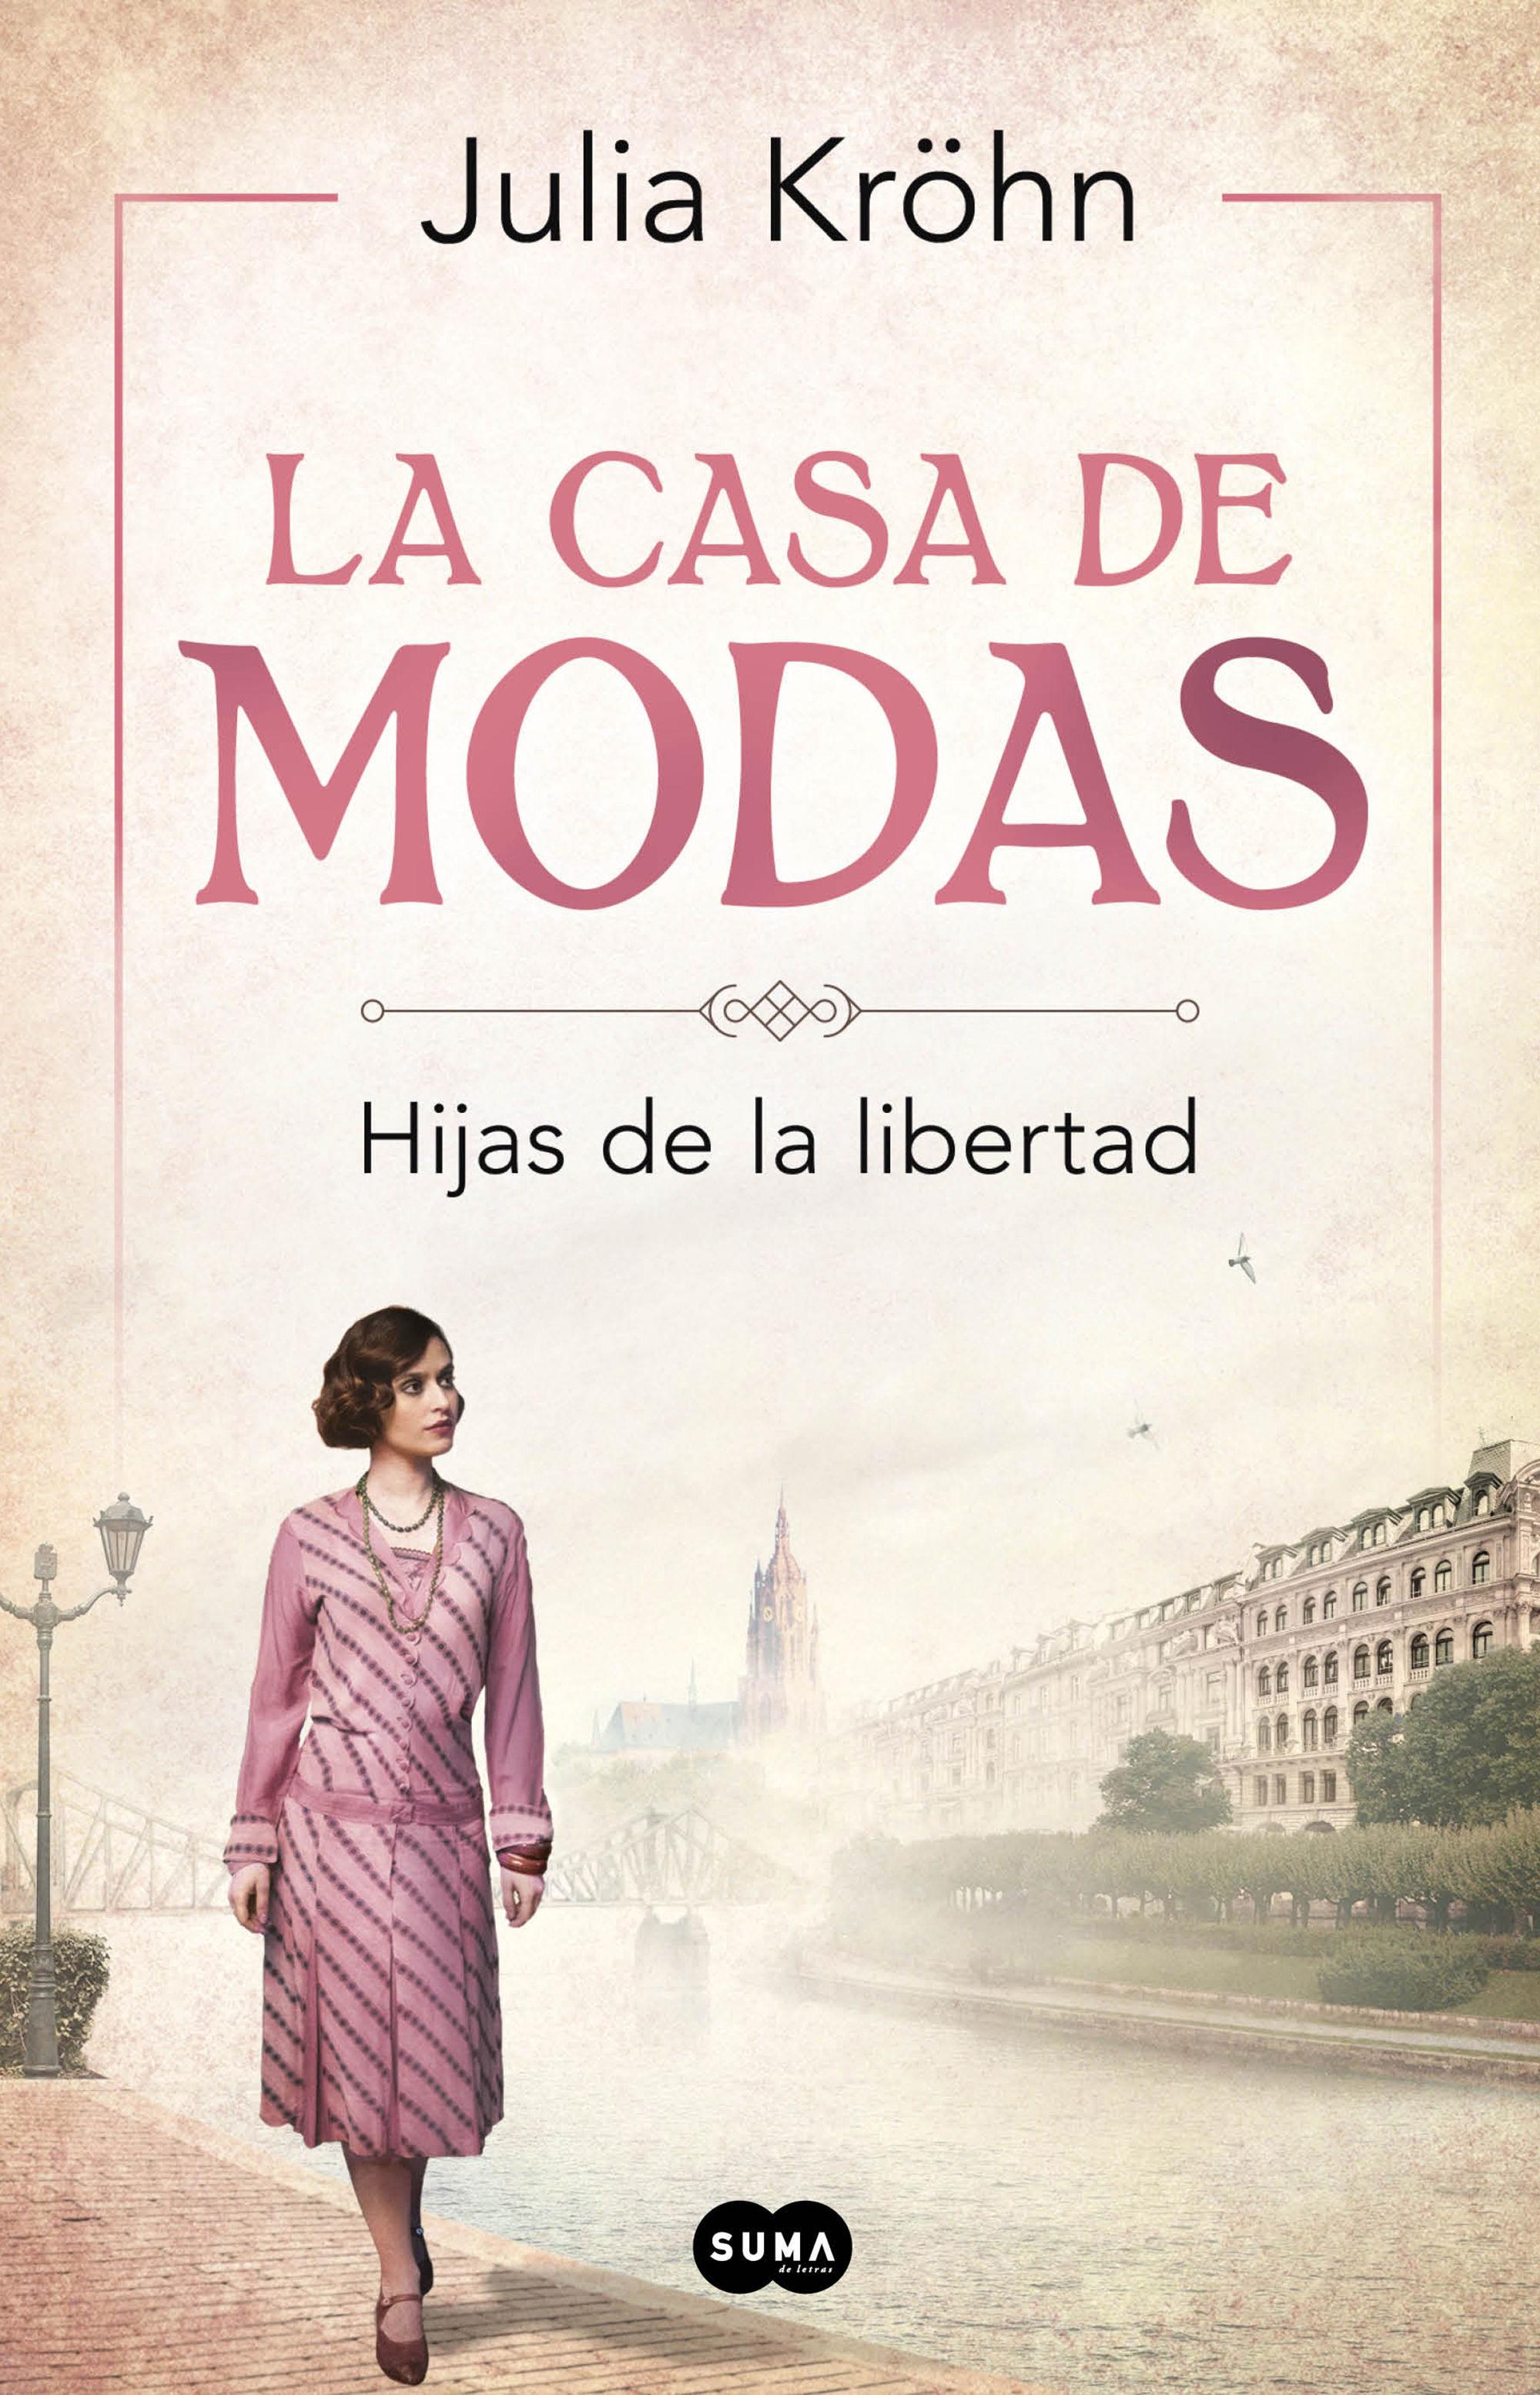 CASA DE MODAS LA